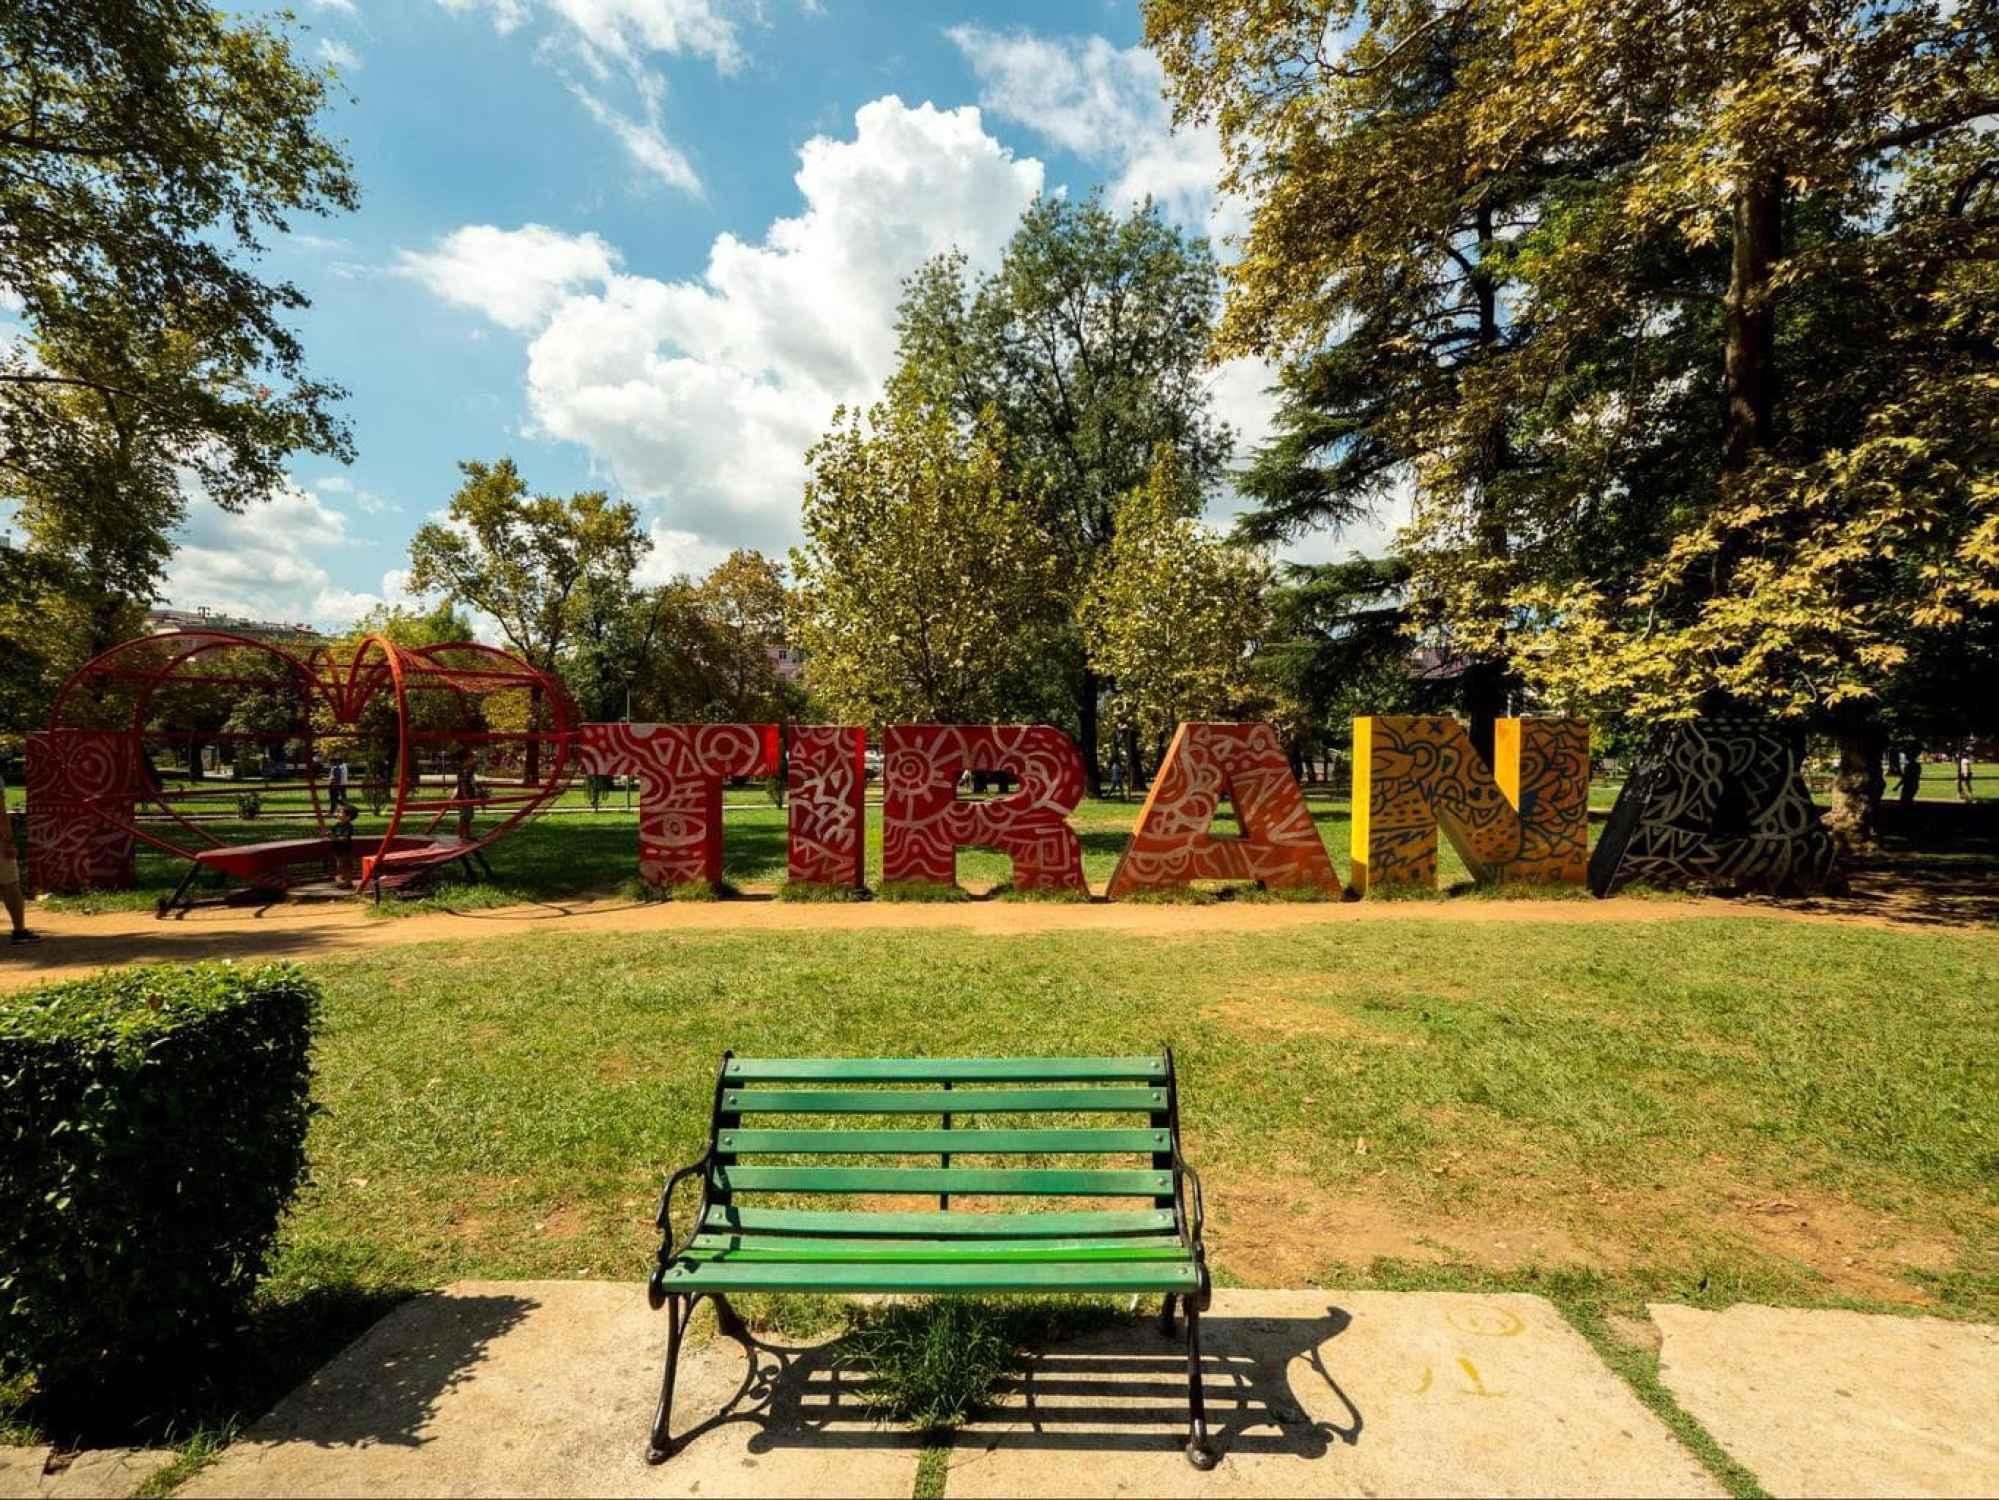 I love Tirana sign